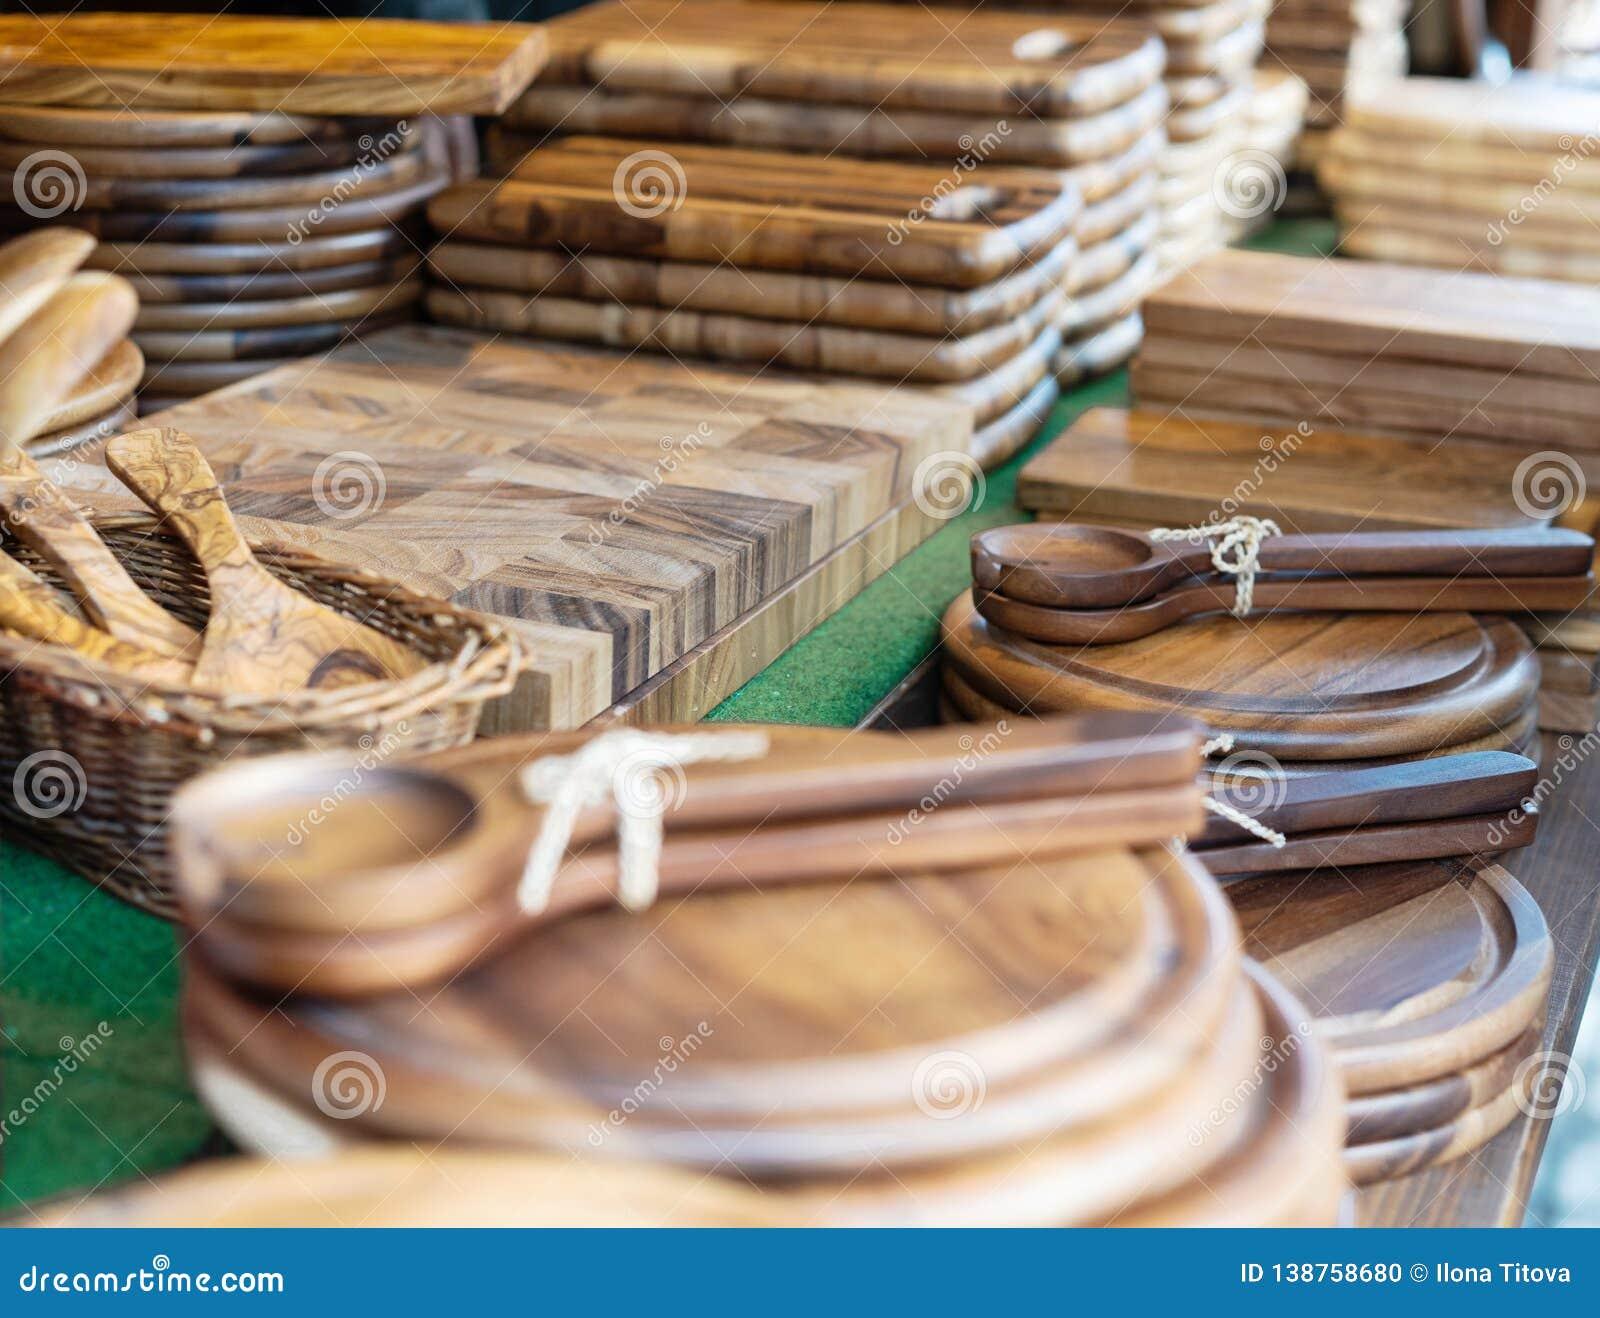 Artículos de cocina de madera en el contador en la feria